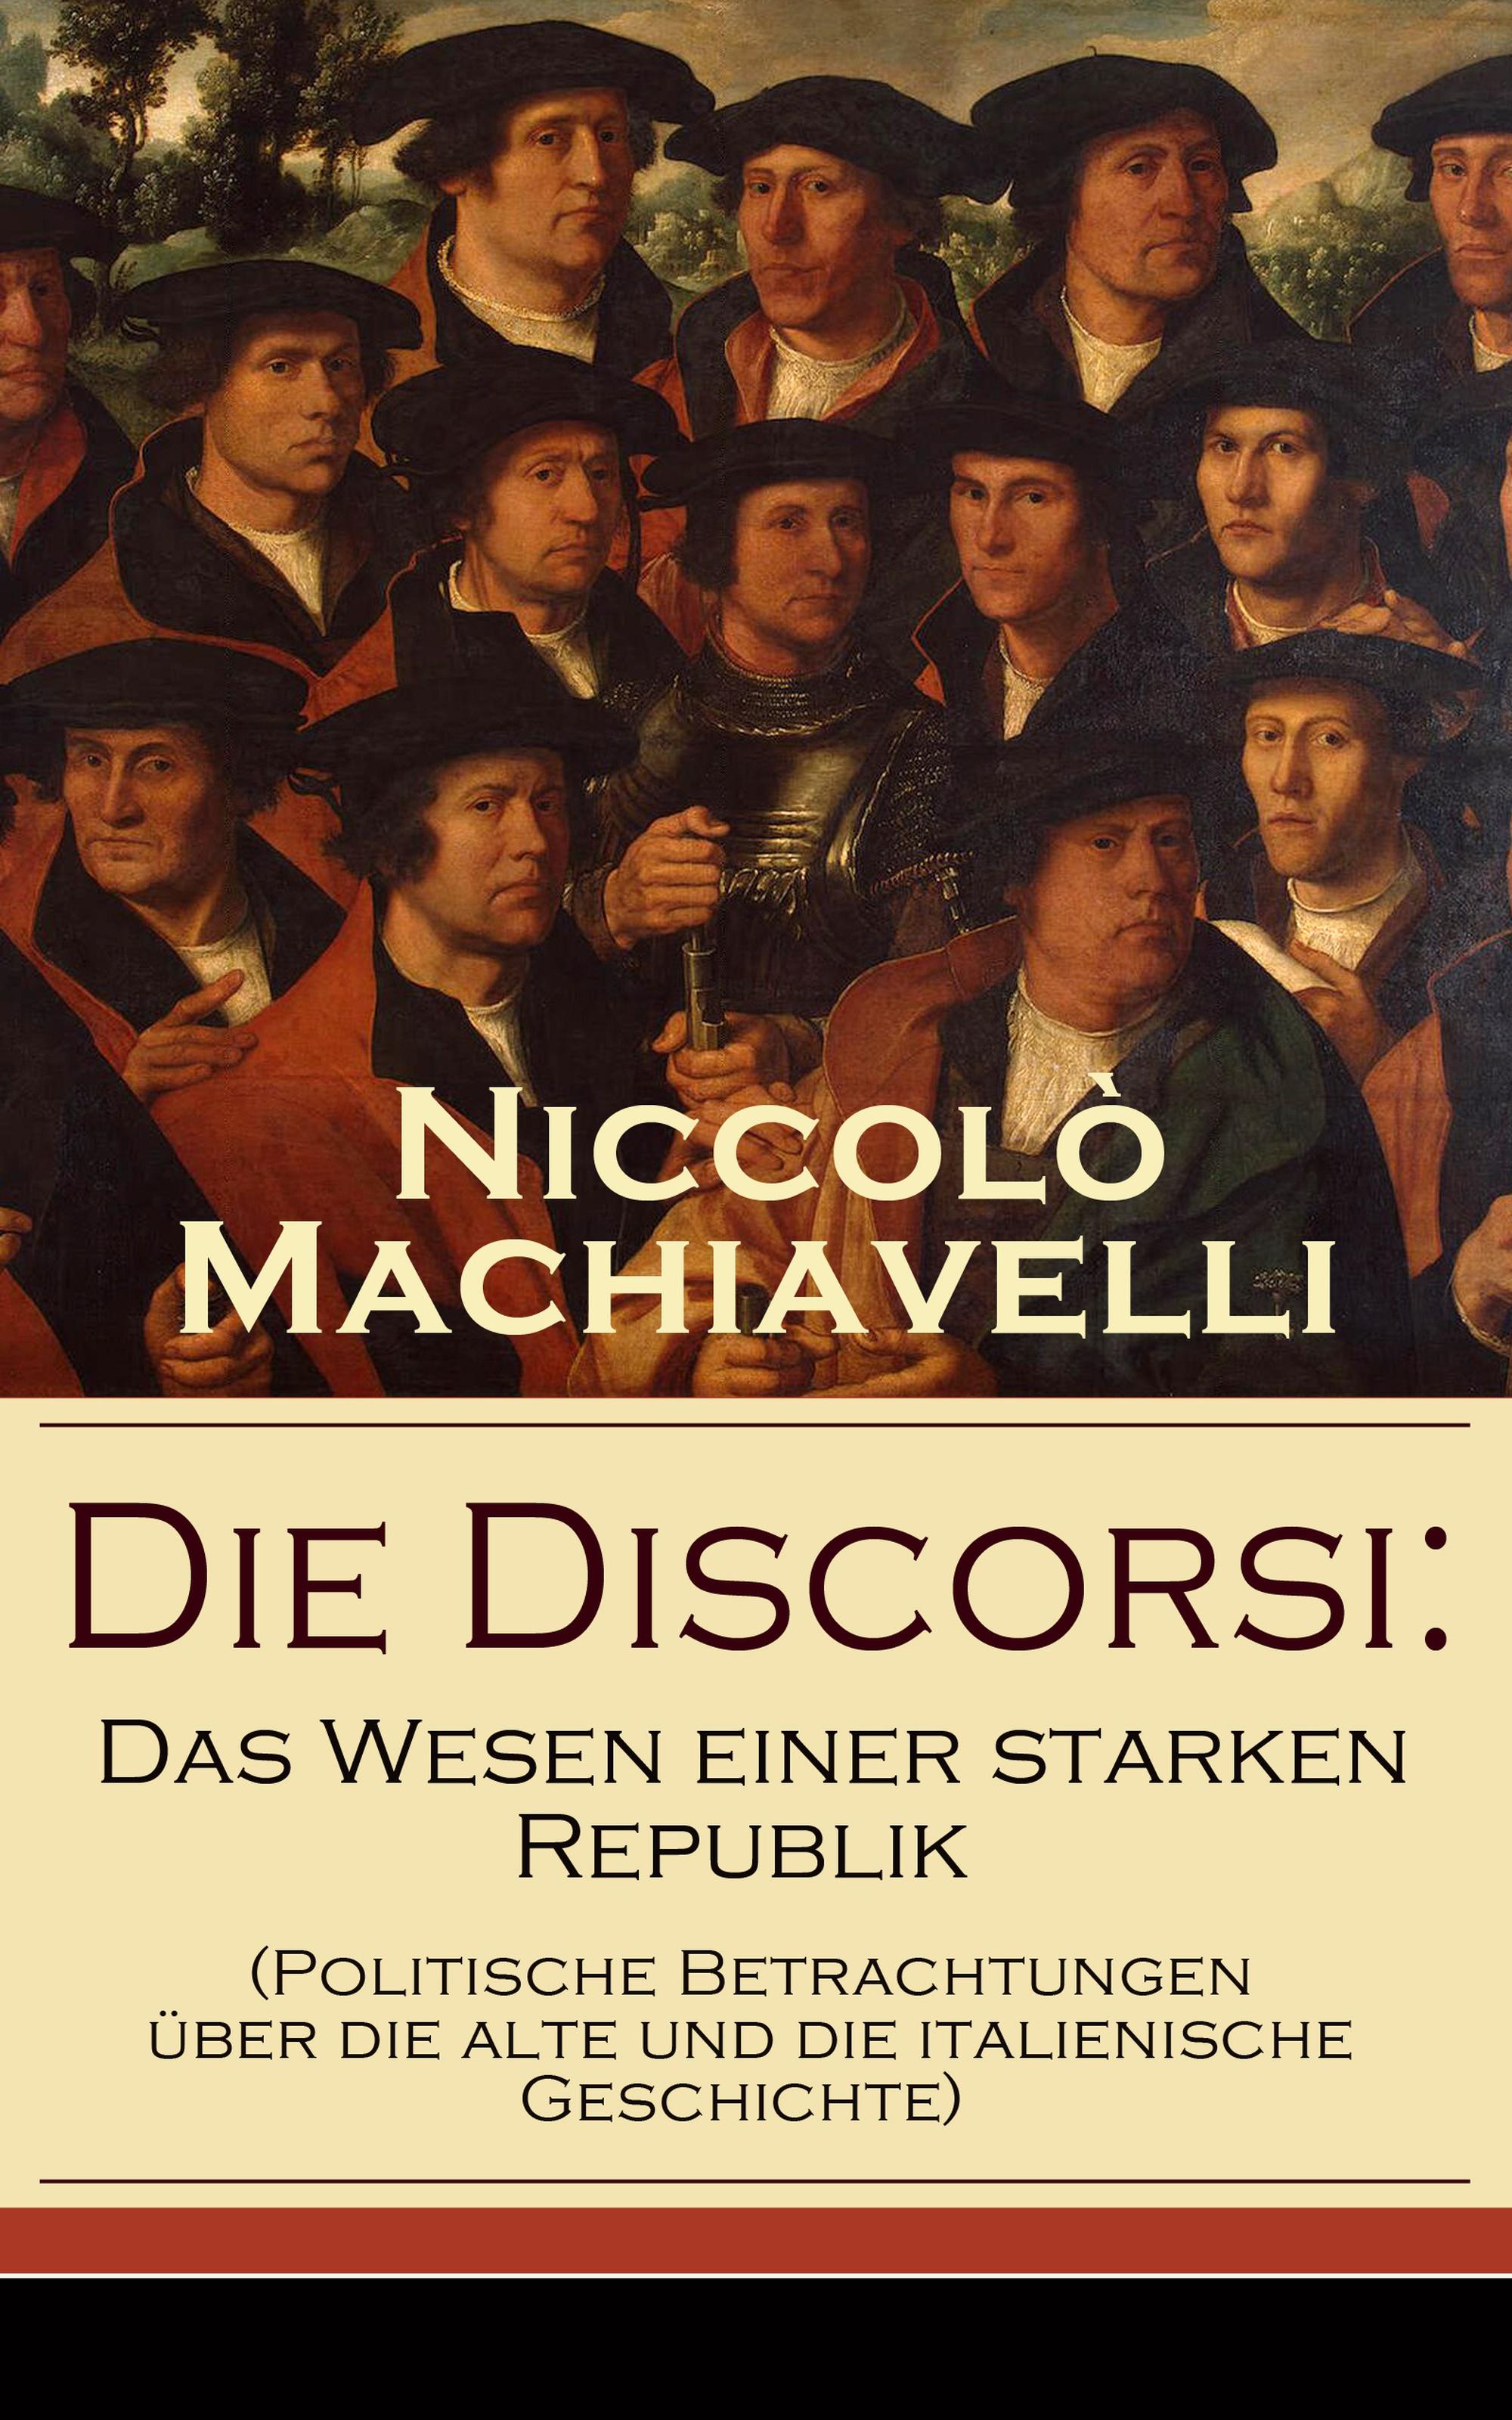 Niccolo Machiavelli Die Discorsi: Das Wesen einer starken Republik (Politische Betrachtungen über die alte und die italienische Geschichte) dominique hertzer das alte und das neue yijing